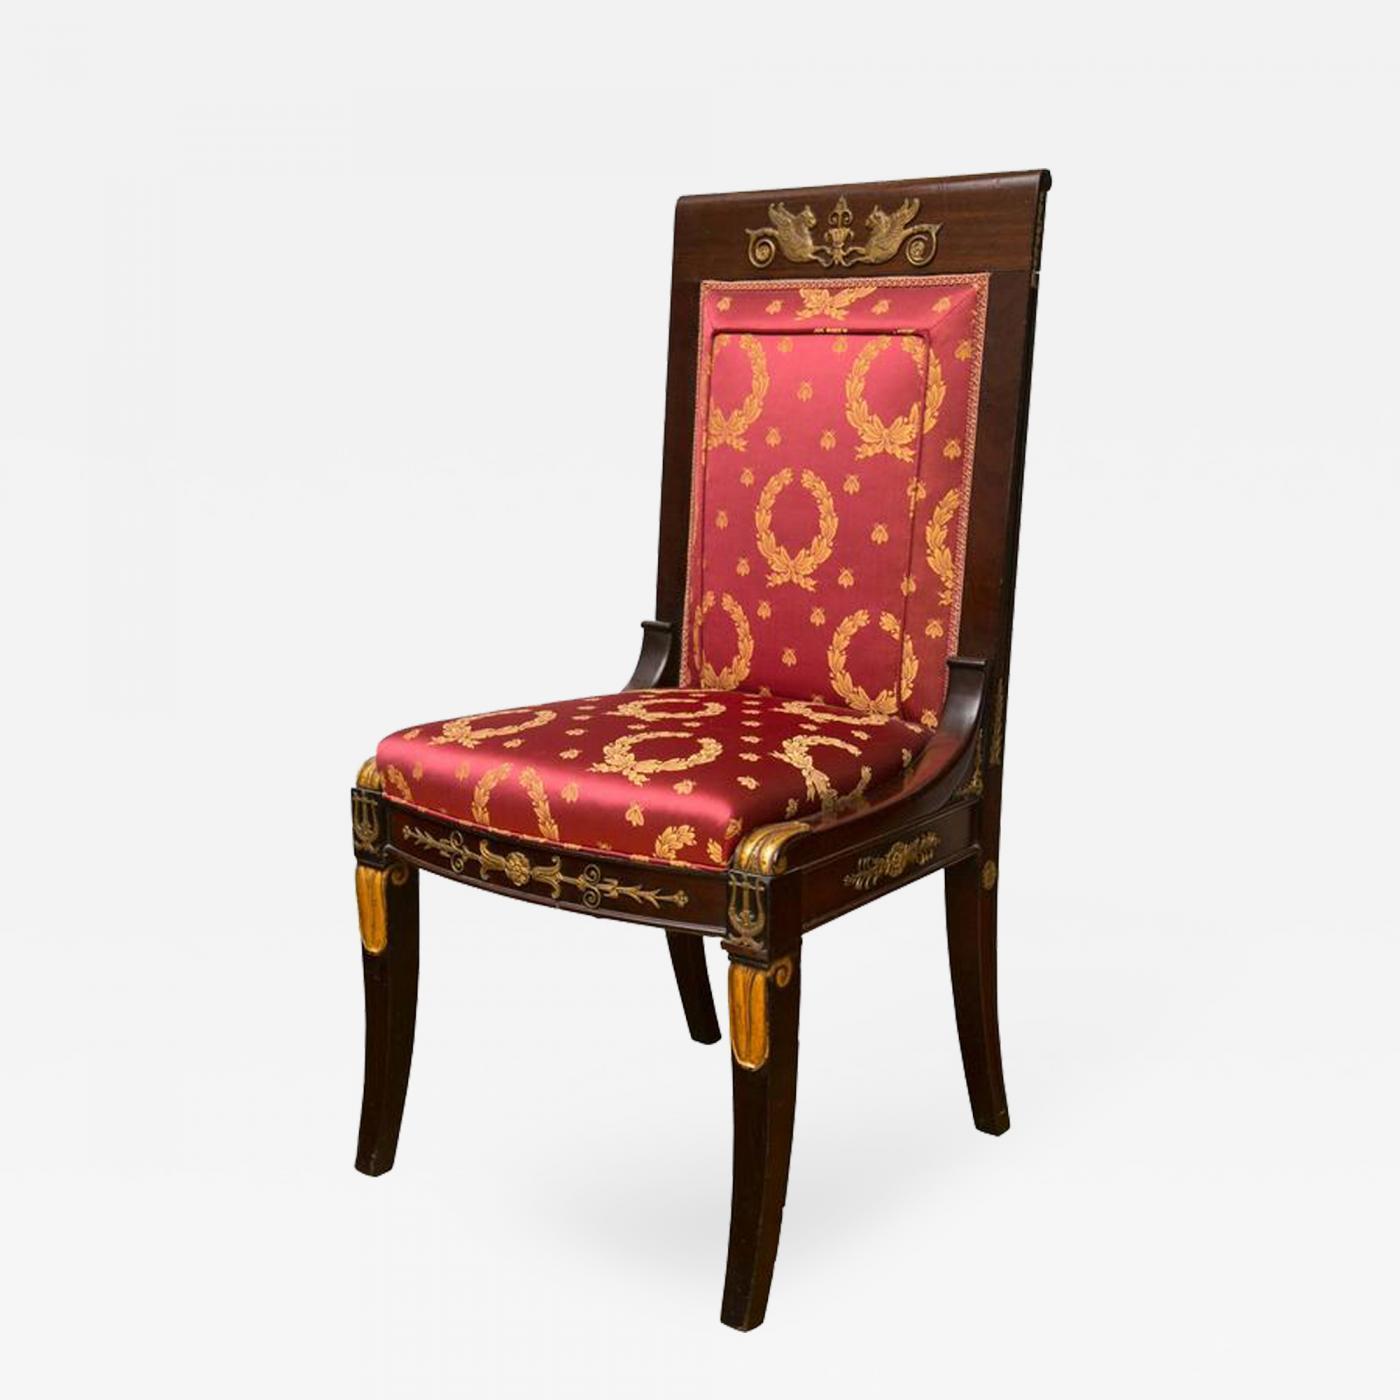 French Empire Period Mahogany Girandole Chair